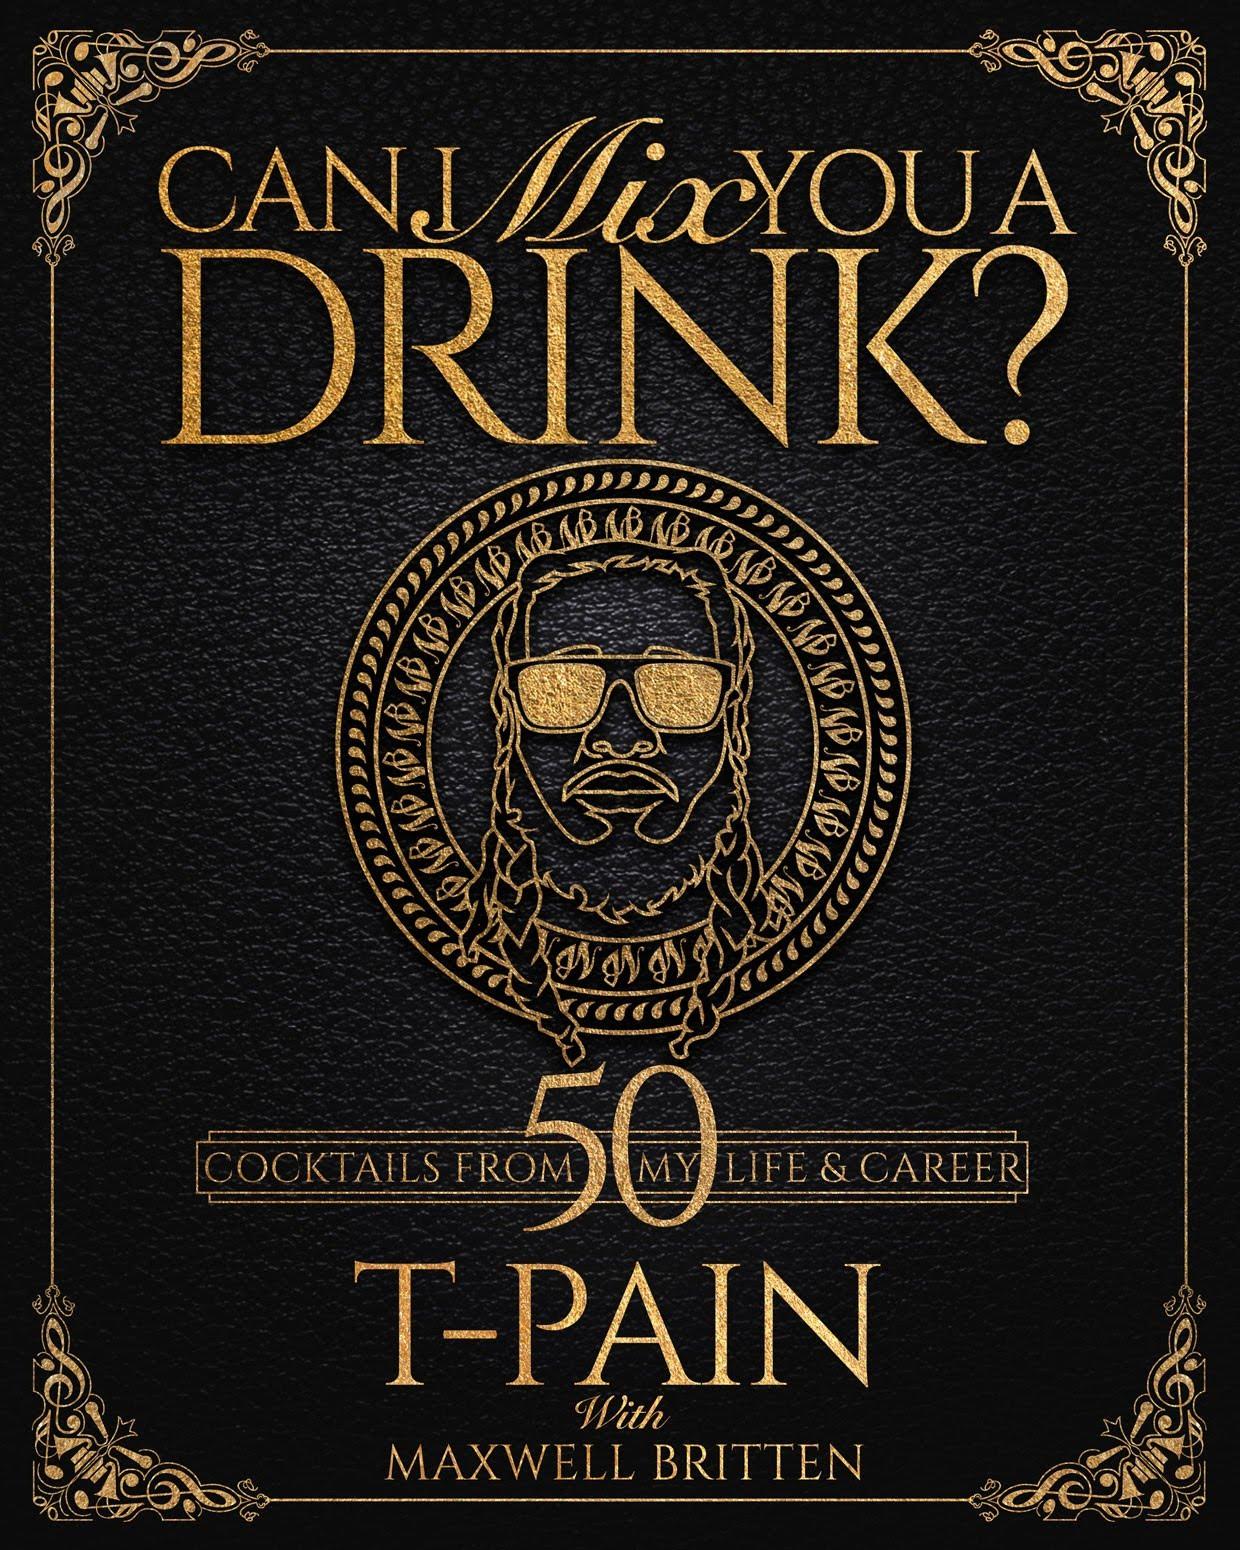 T-Pain lança livro de cocktails 'Can I Mix You a Drink?'